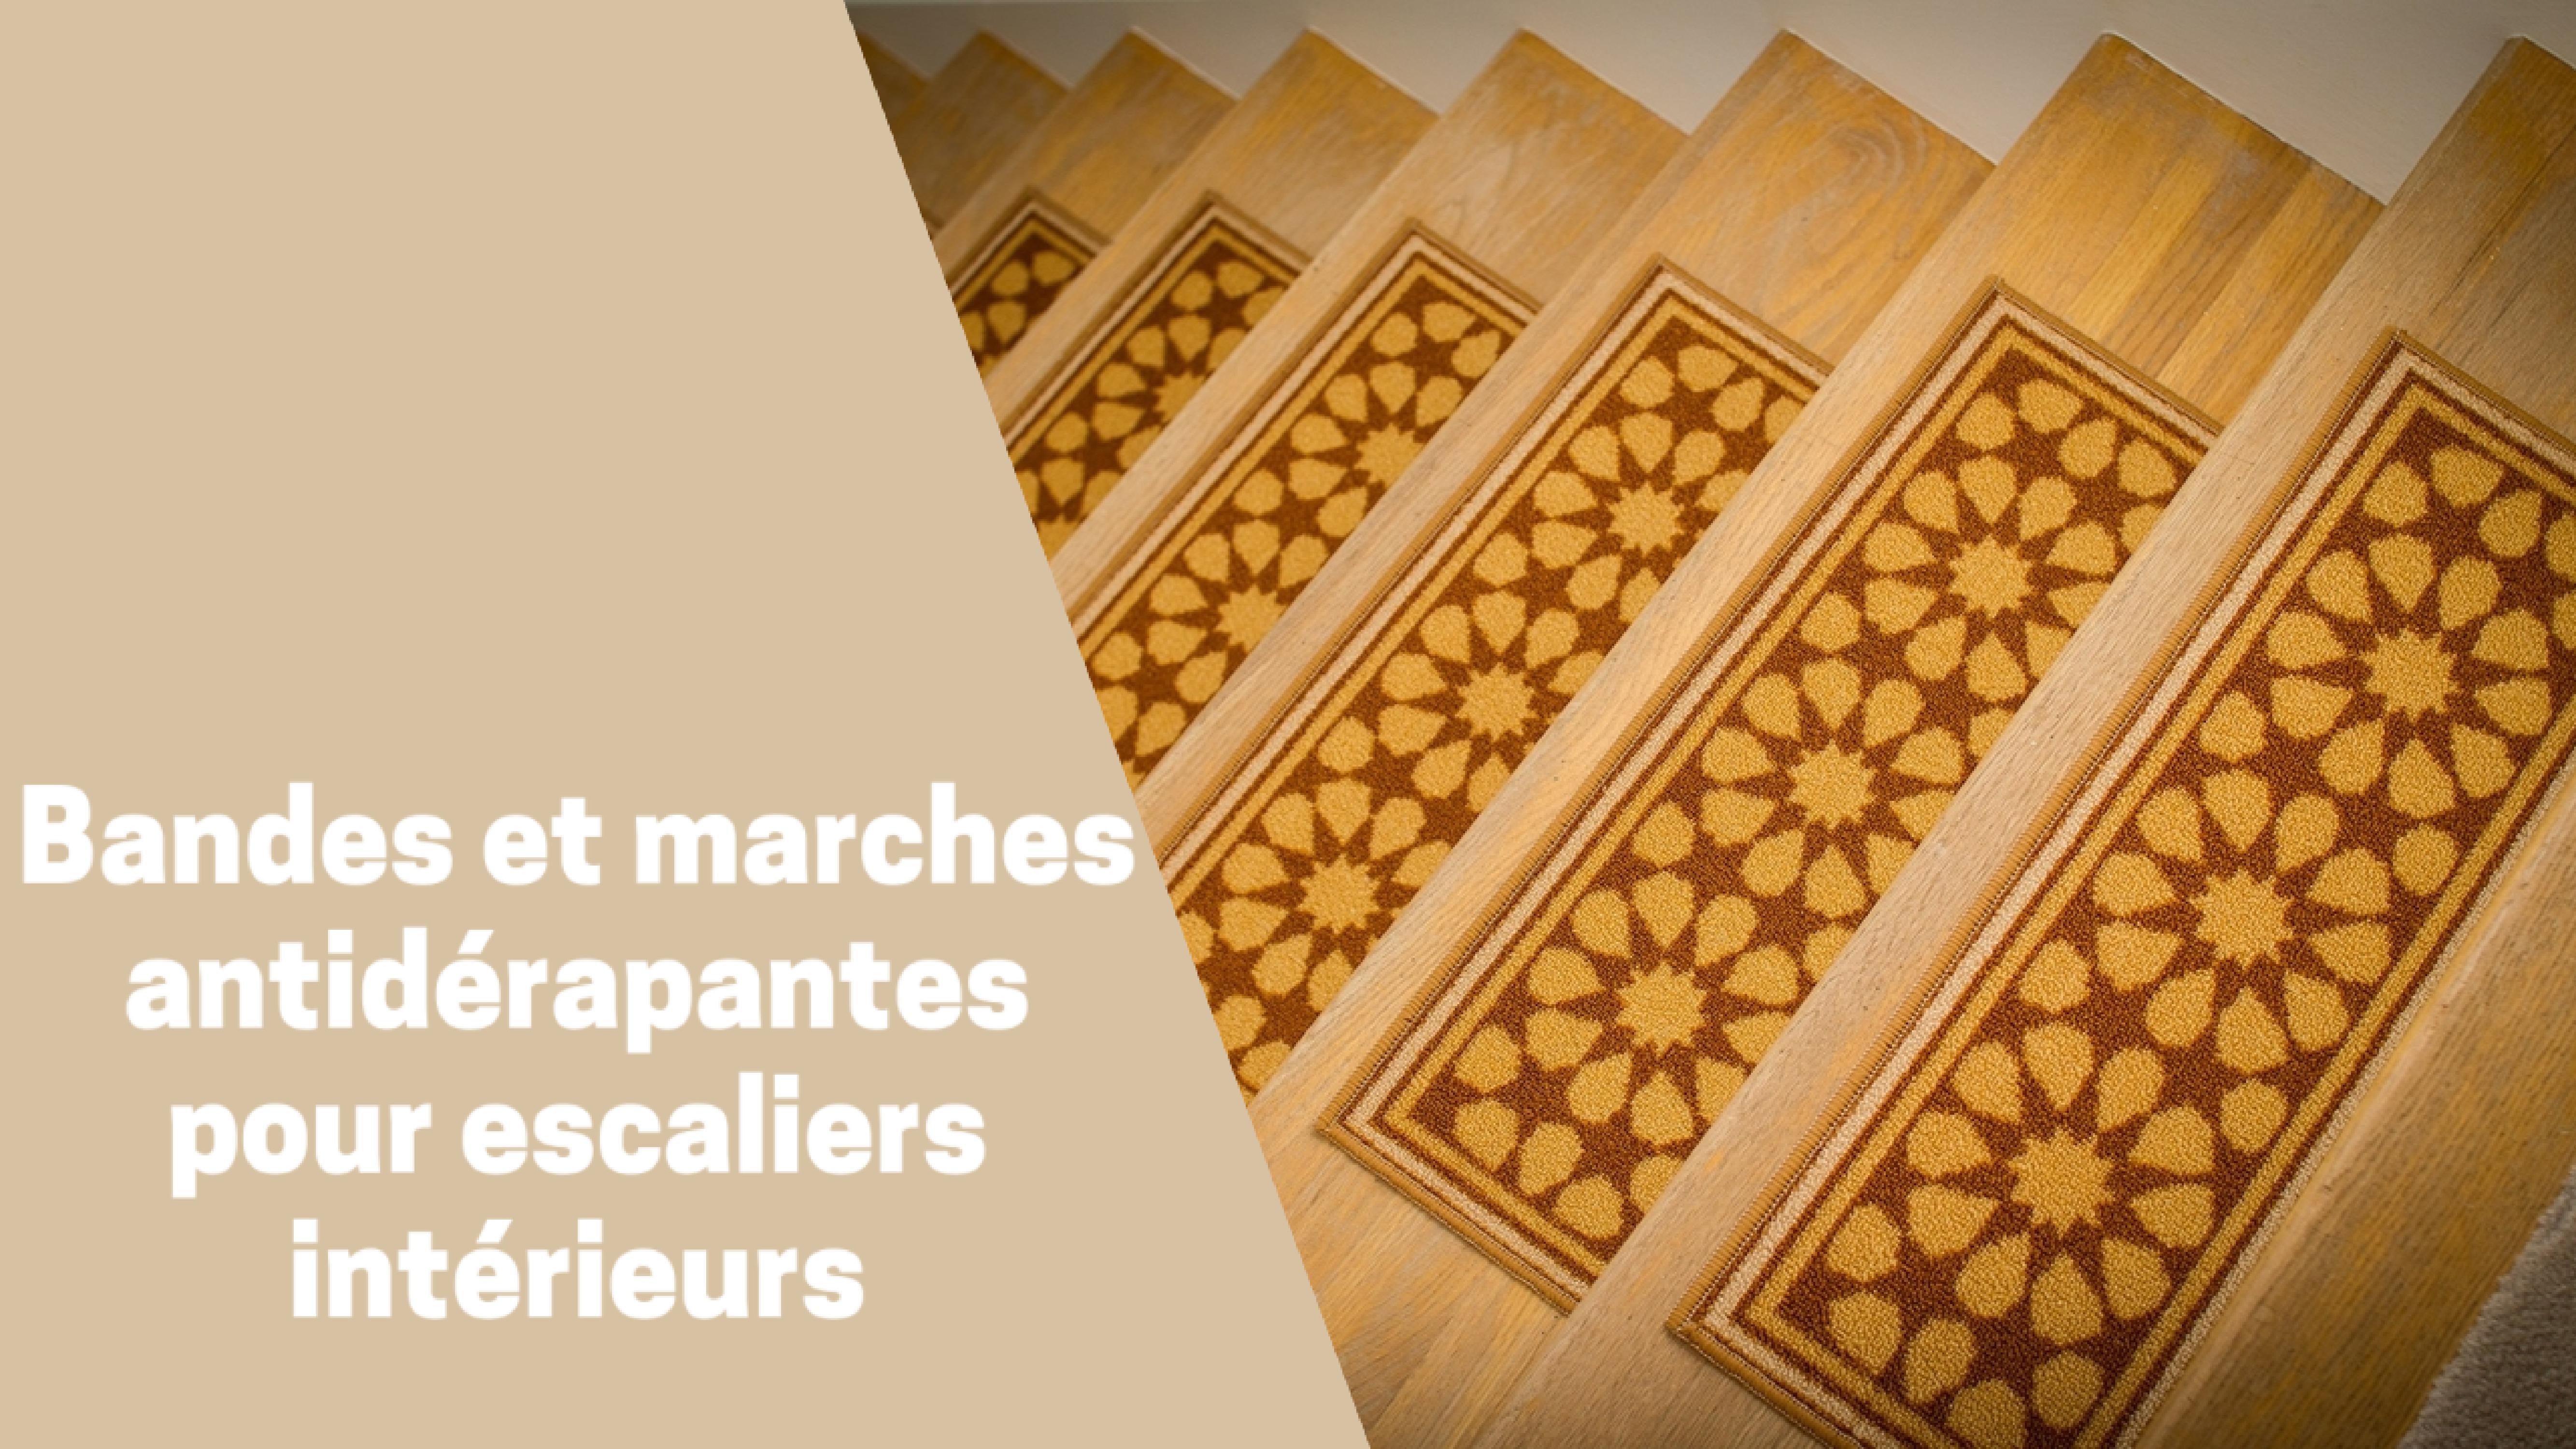 Meilleures bandes et marches antidérapantes pour escaliers intérieurs pour personne agée comparatif guide achat avis test